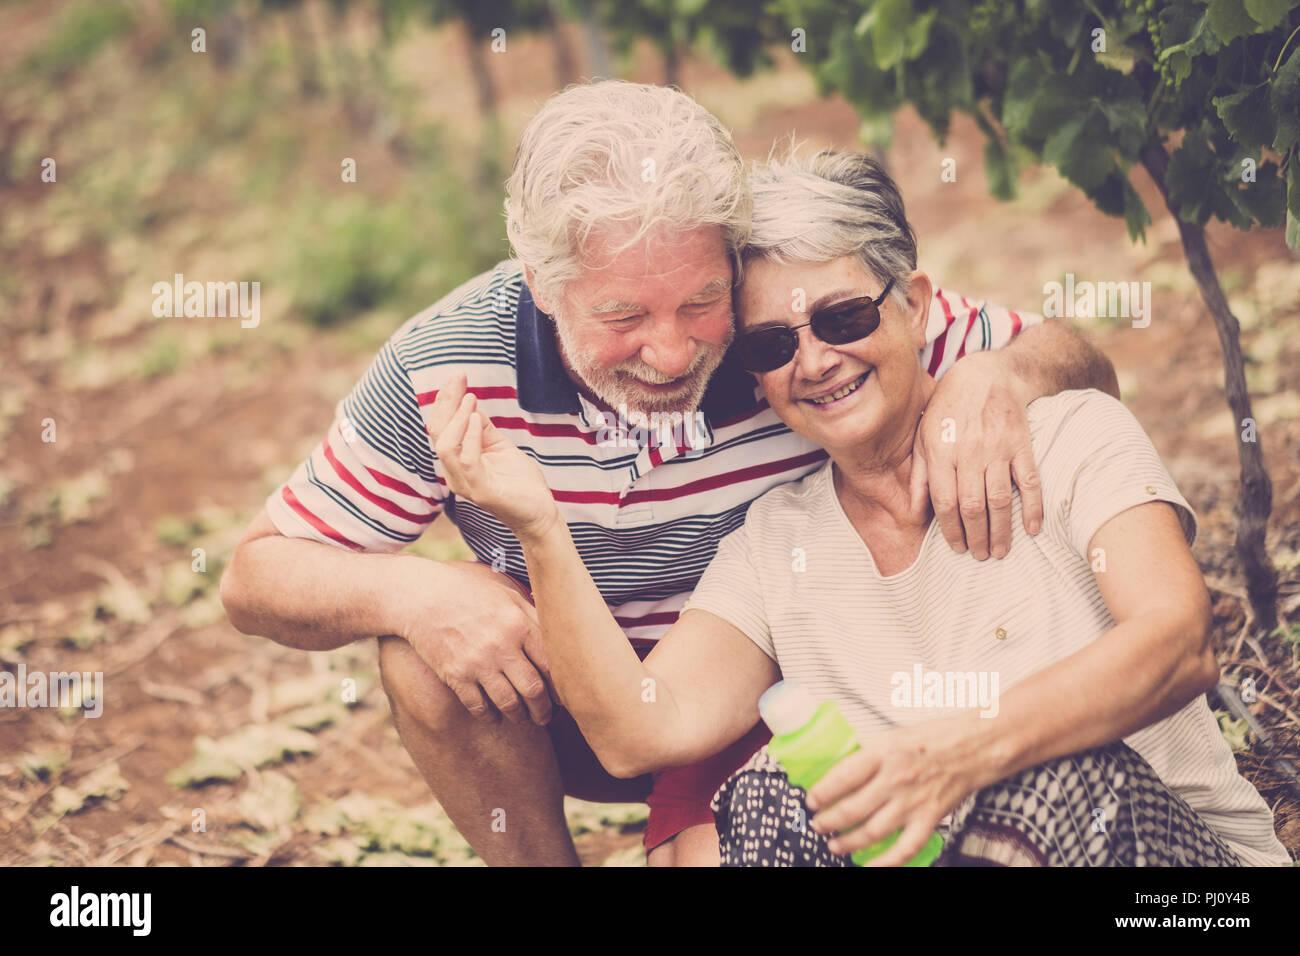 Senior adulto giovane ridere in felicità.. Insieme per sempre a giocare con le bolle di sapone nel cortile esterno di attività per il tempo libero. rimanere giovani concetto e Immagini Stock